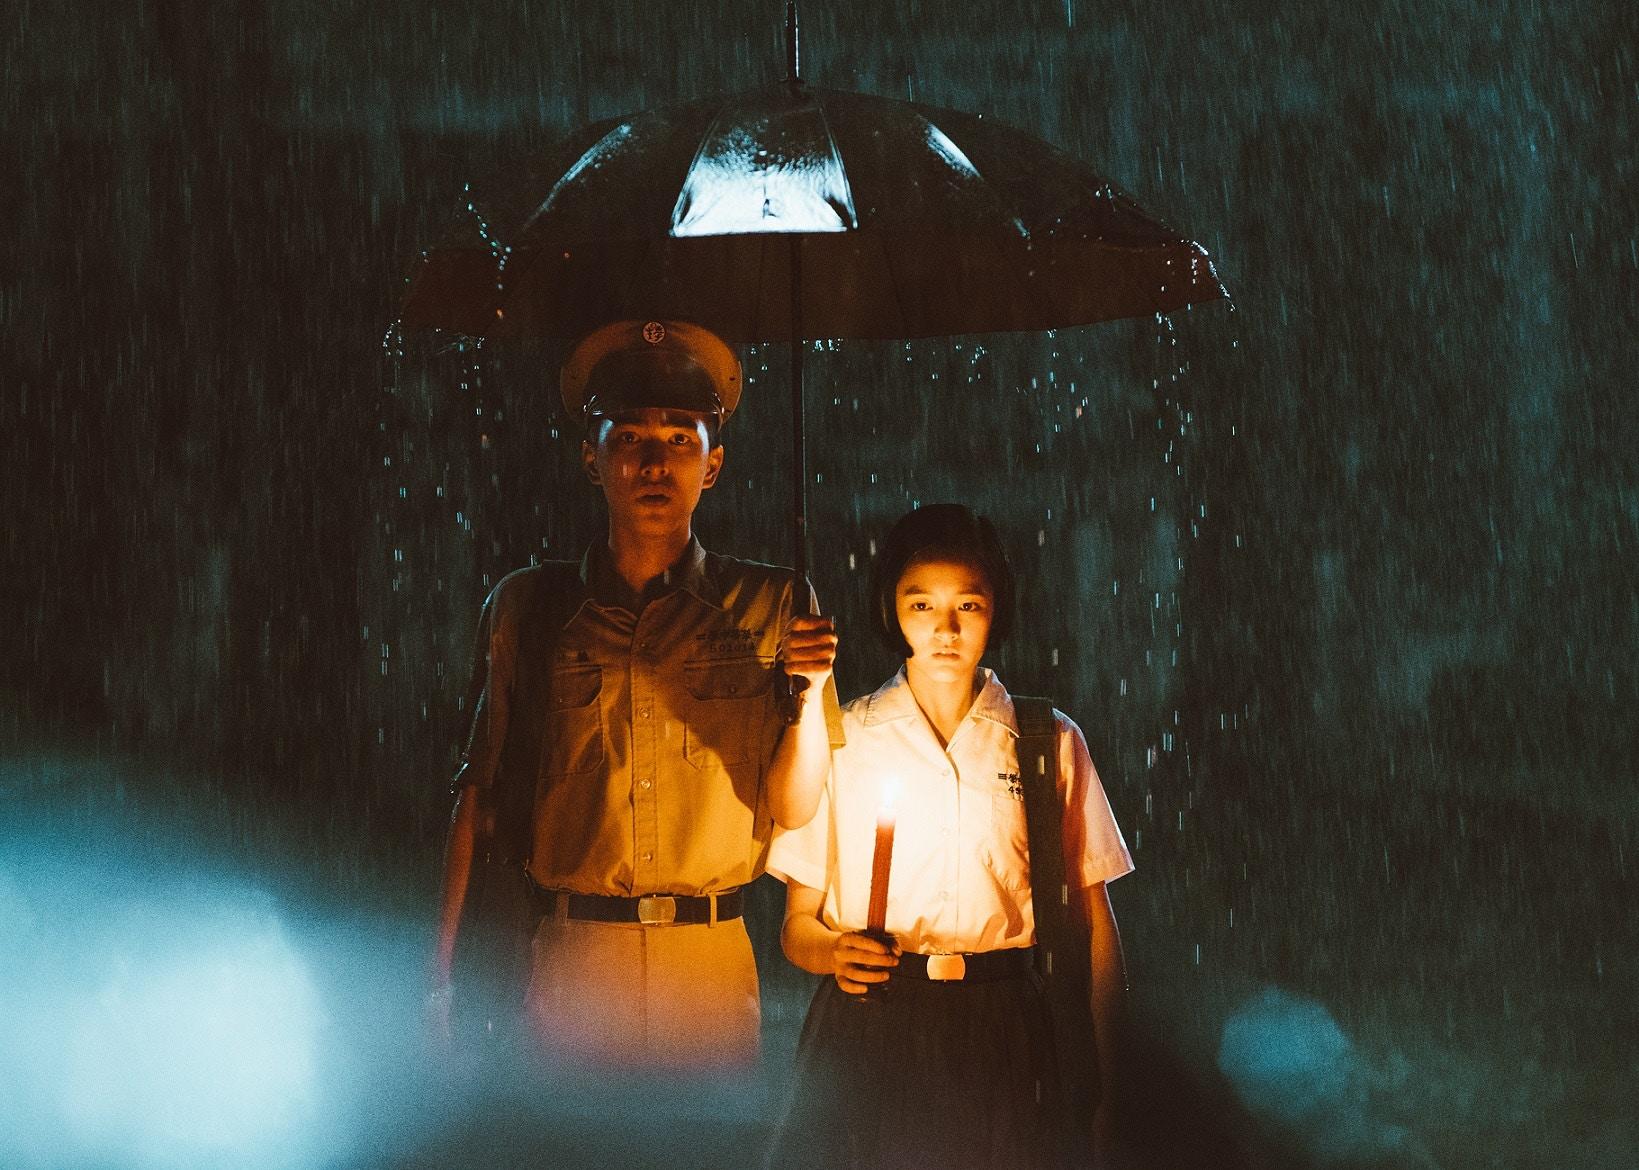 《返校》看似恐怖片,其實是一部反映當年政治威嚇的電影,其實都係恐怖片。